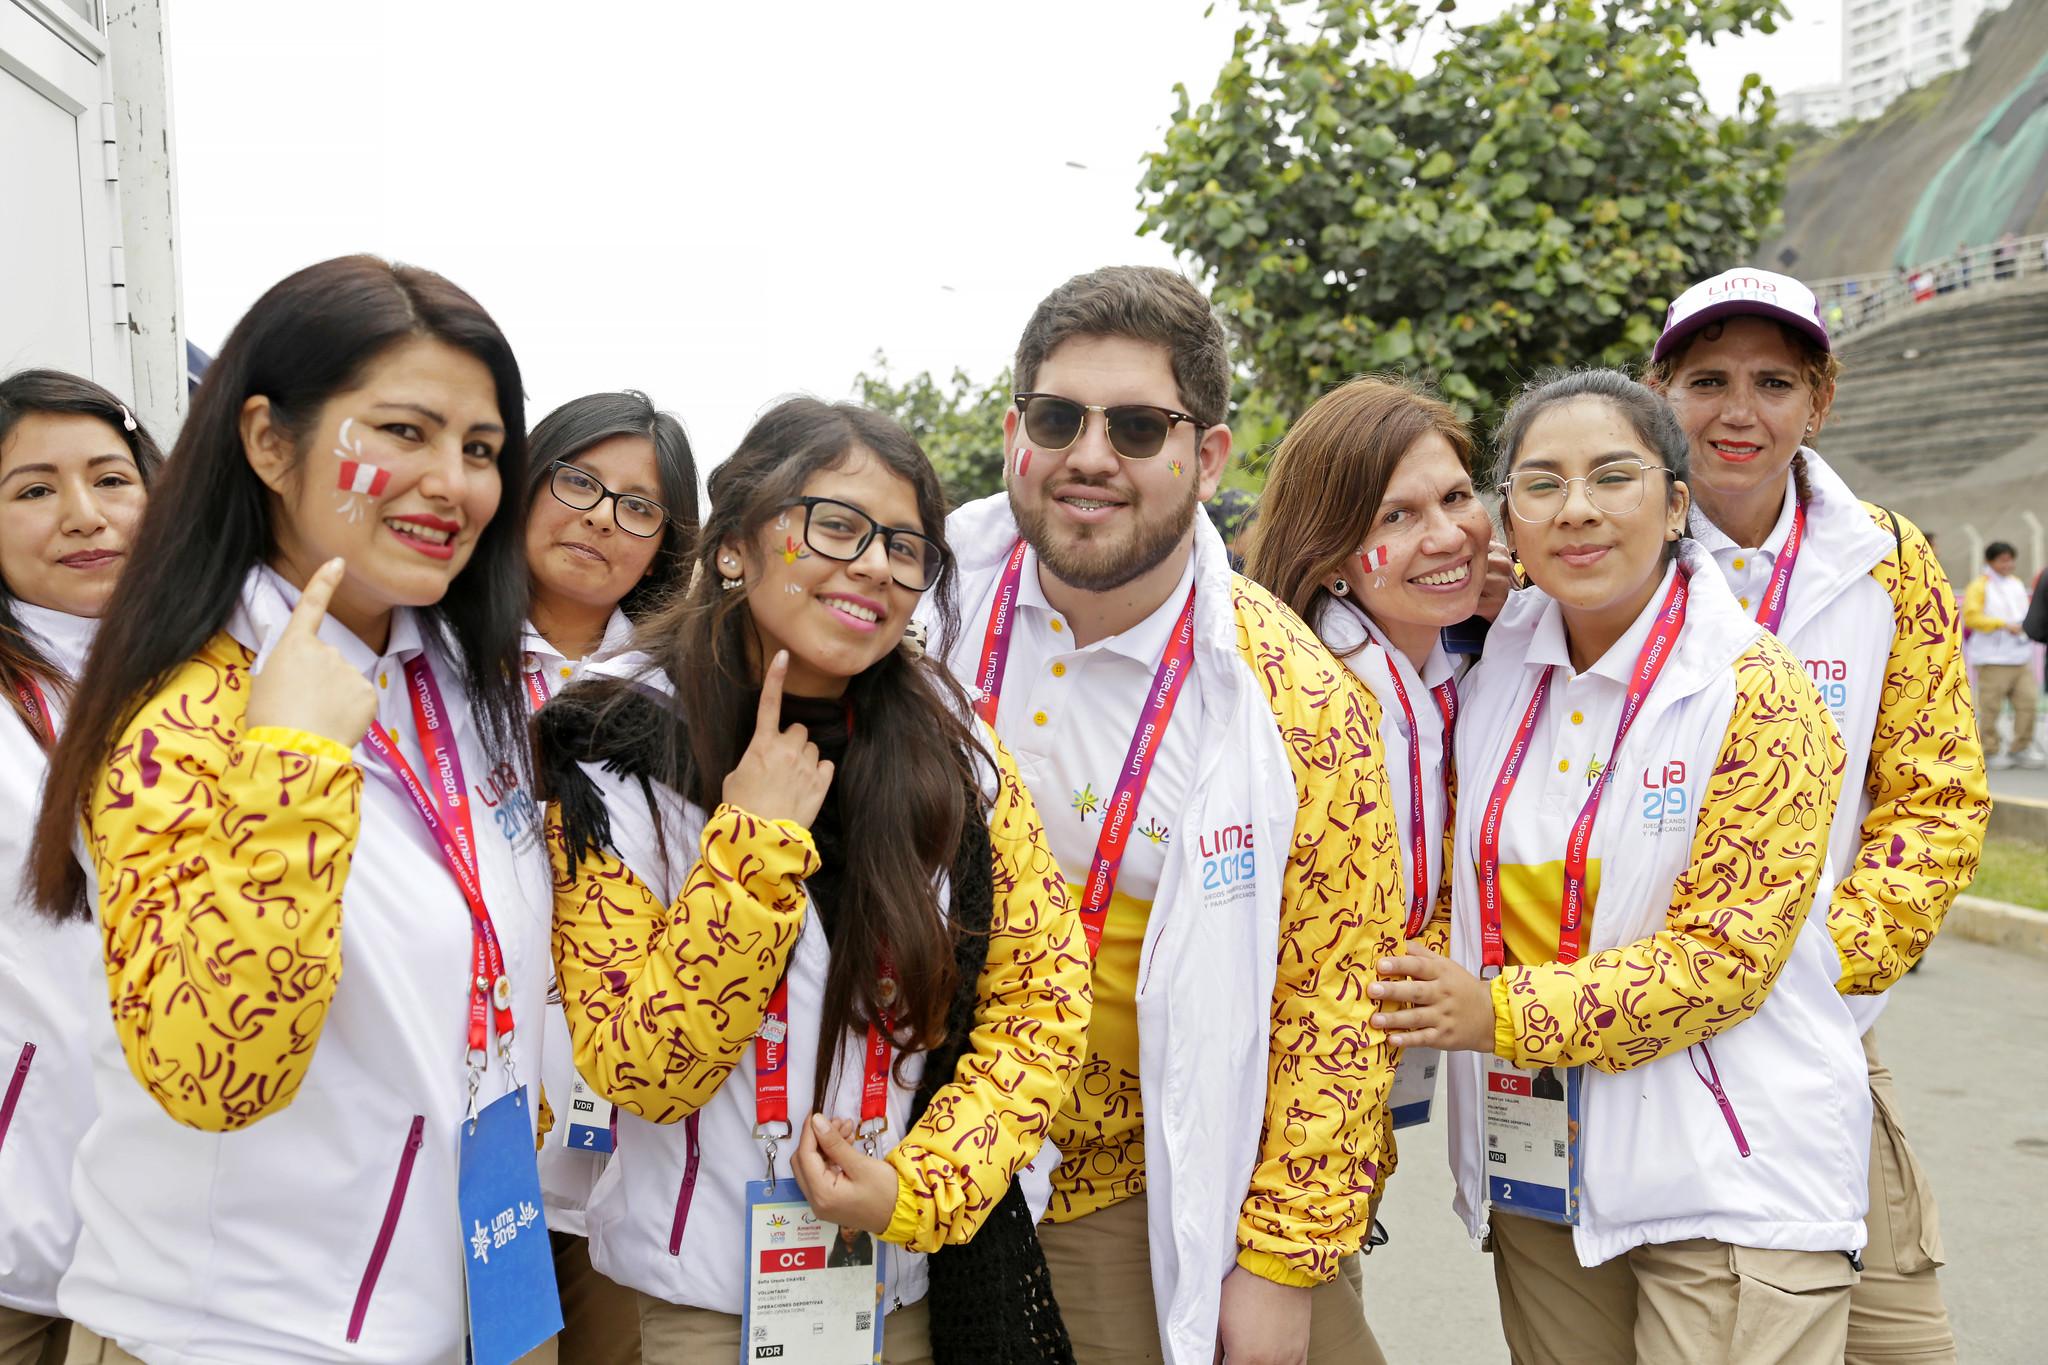 Lima 2019   CERCA DE 6 MIL VOLUNTARIOS PARTICIPARON EN LOS JUEGOS  PARAPANAMERICANOS LIMA 2019